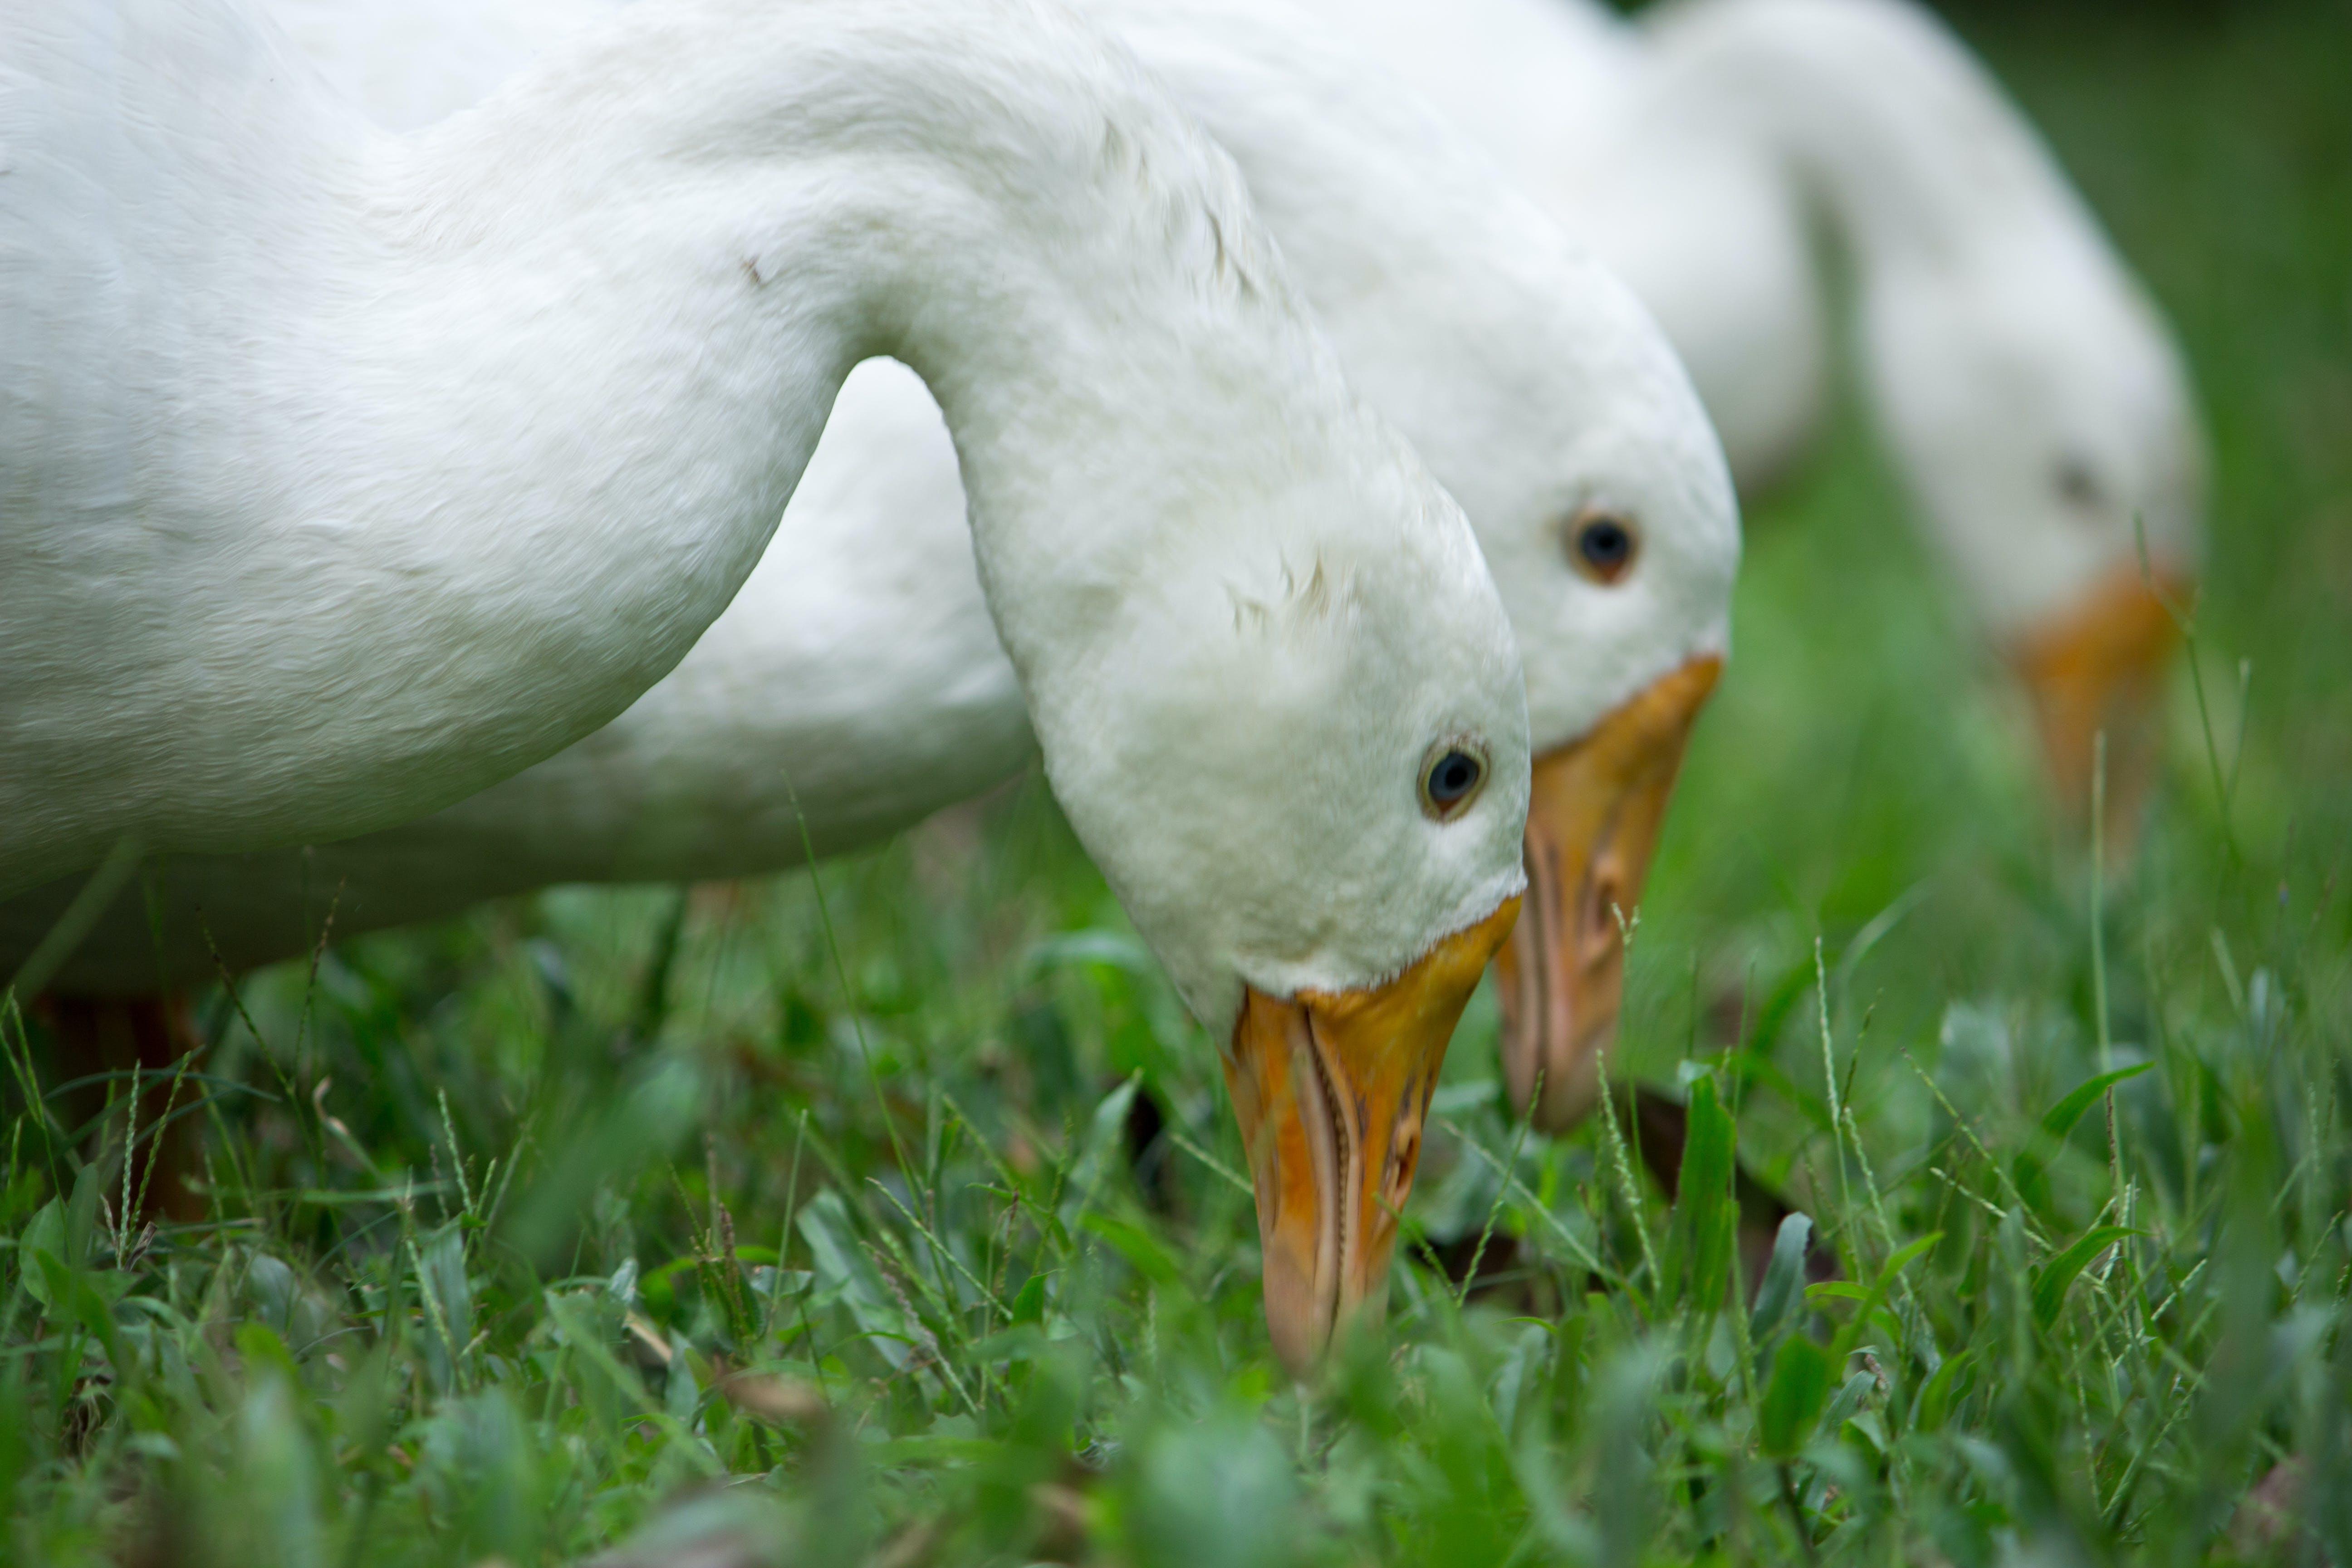 de animal, aves, biologia, bonitinho